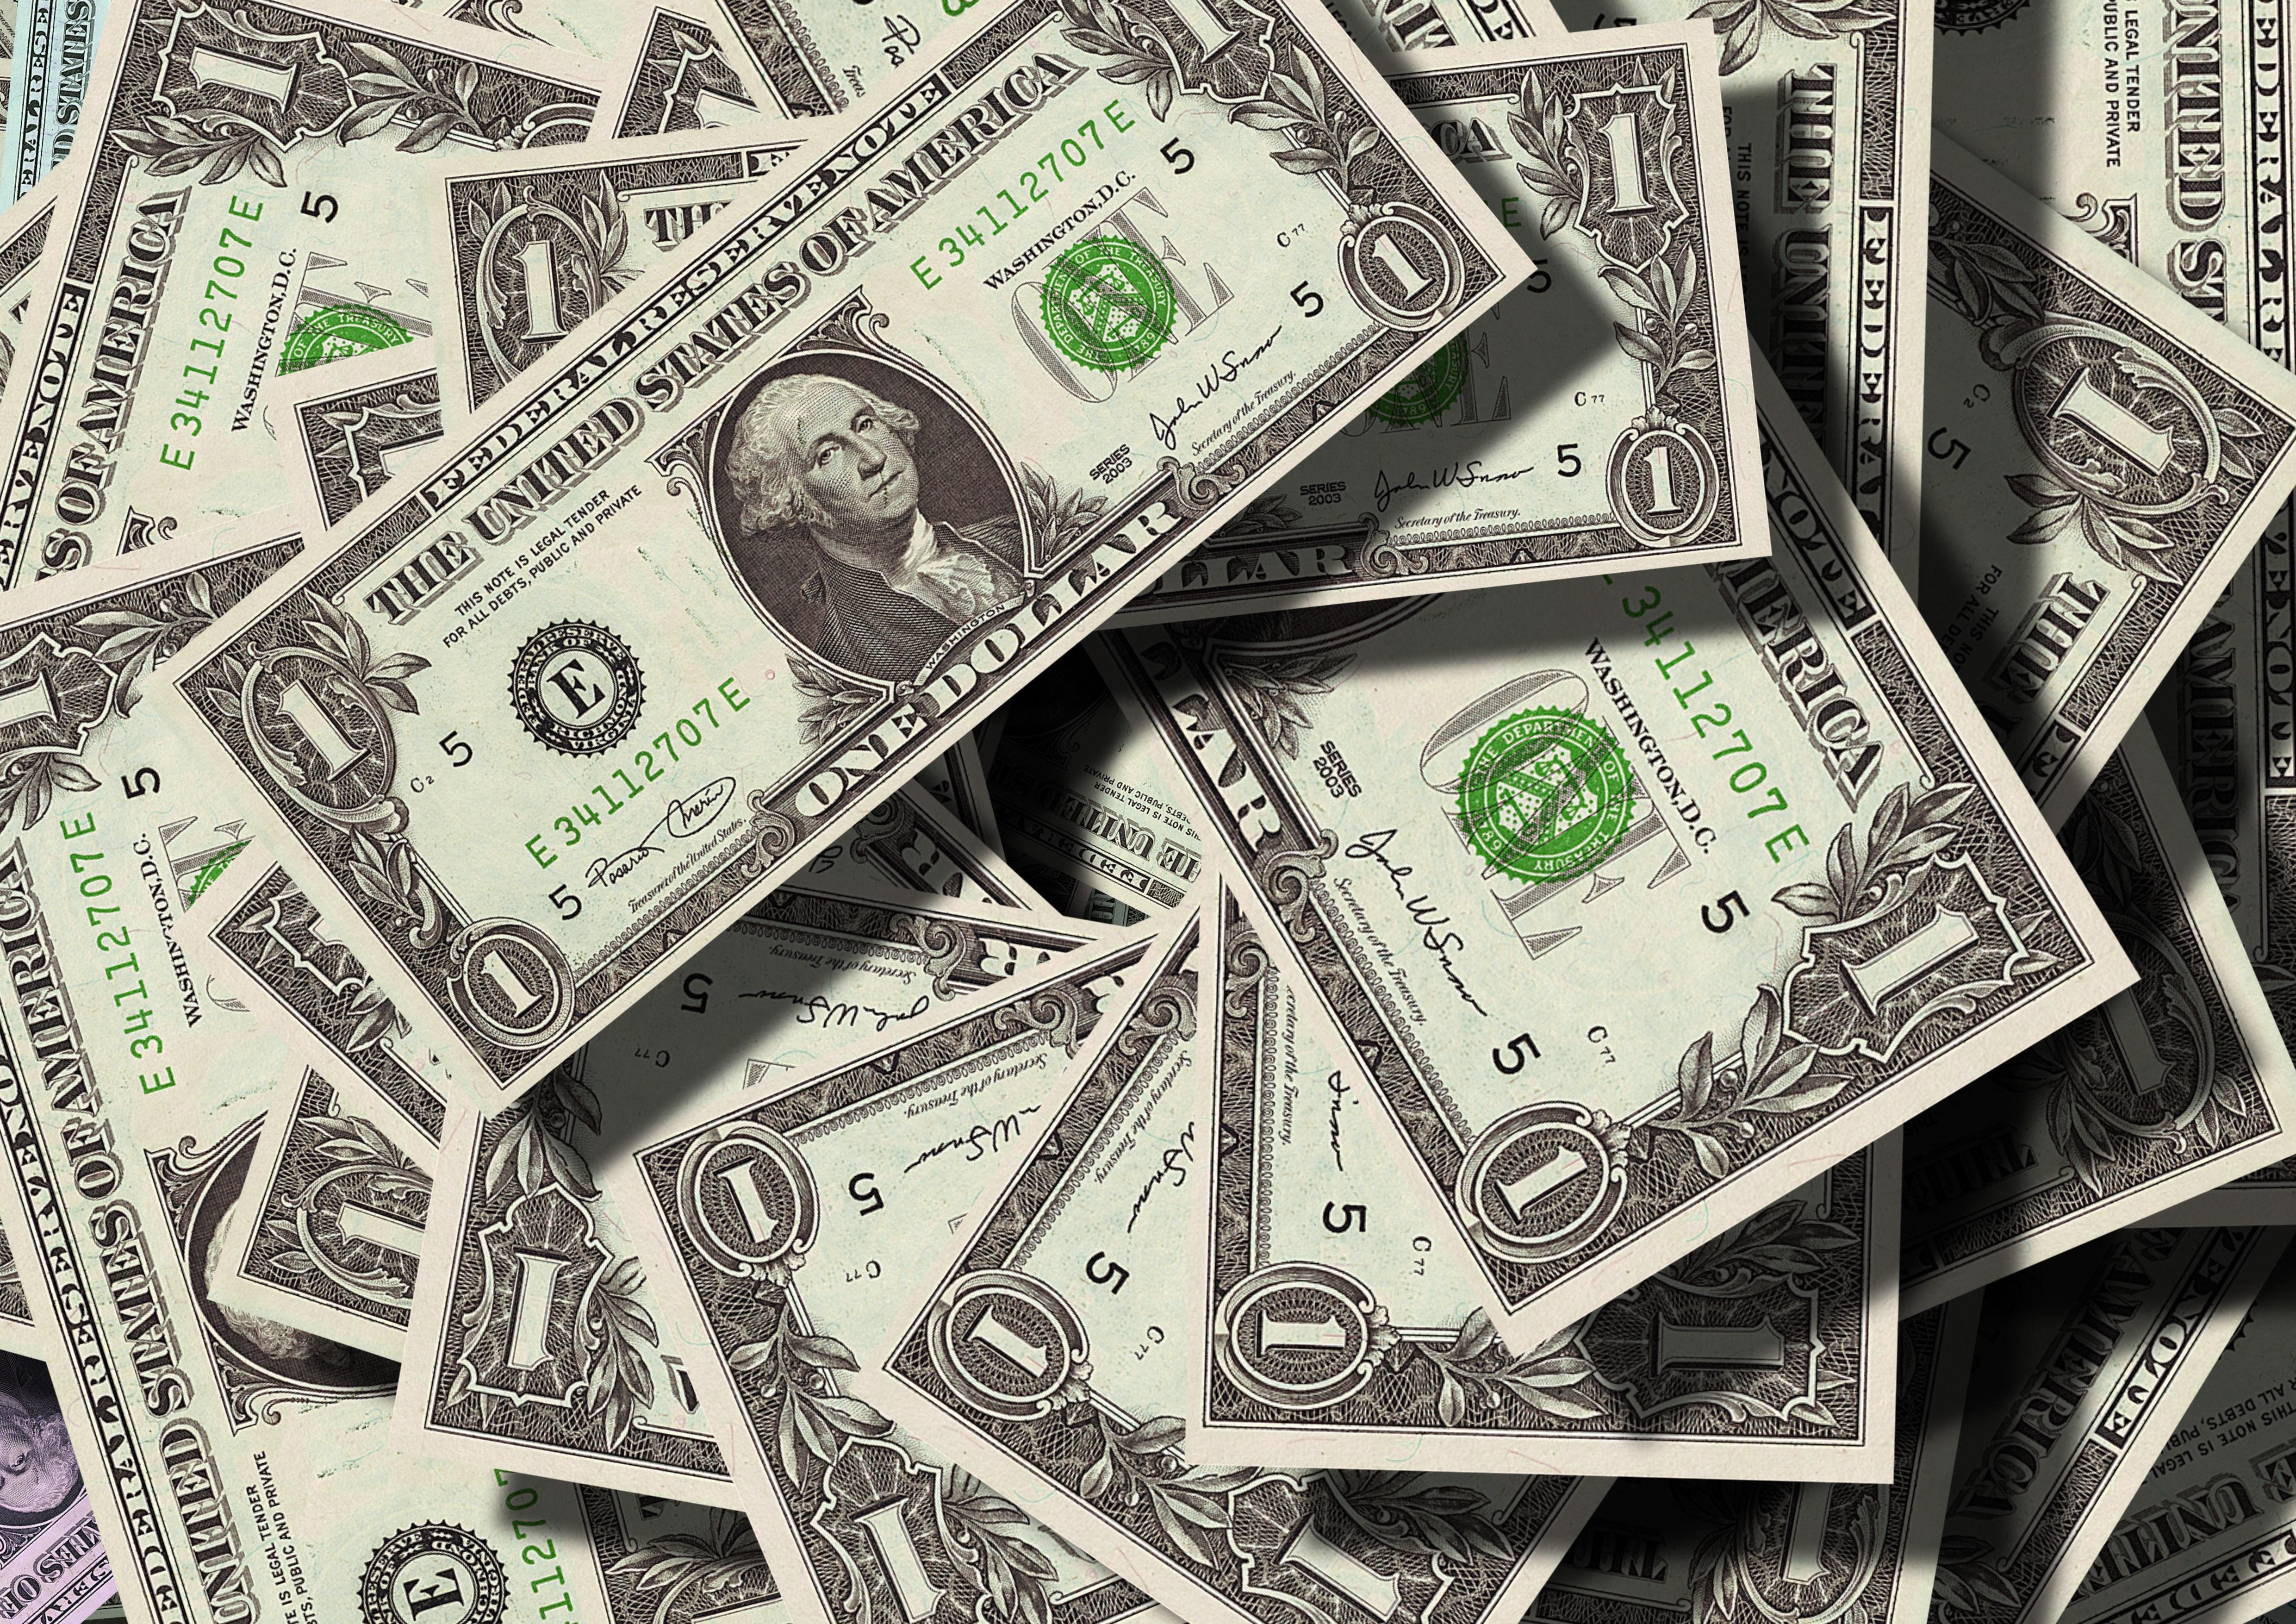 1ドル紙幣 お金 コレクションの無料の写真素材